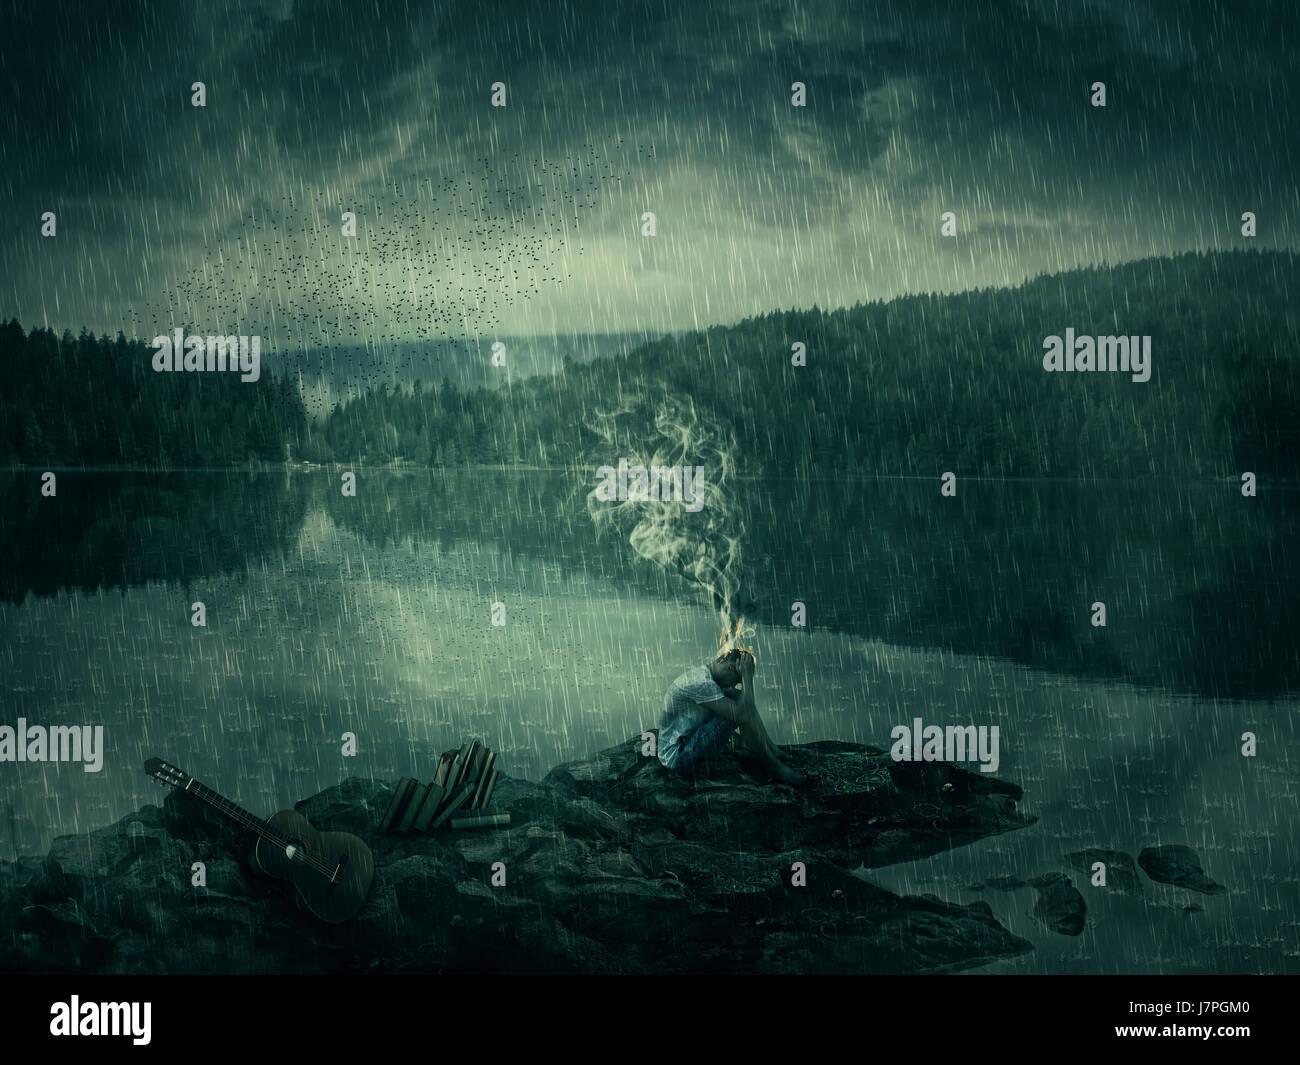 Joven, artista con una guitarra y libros, sentarse en una orilla rocosa cerca del lago y el bosque. Mal humor, pensamiento Imagen De Stock